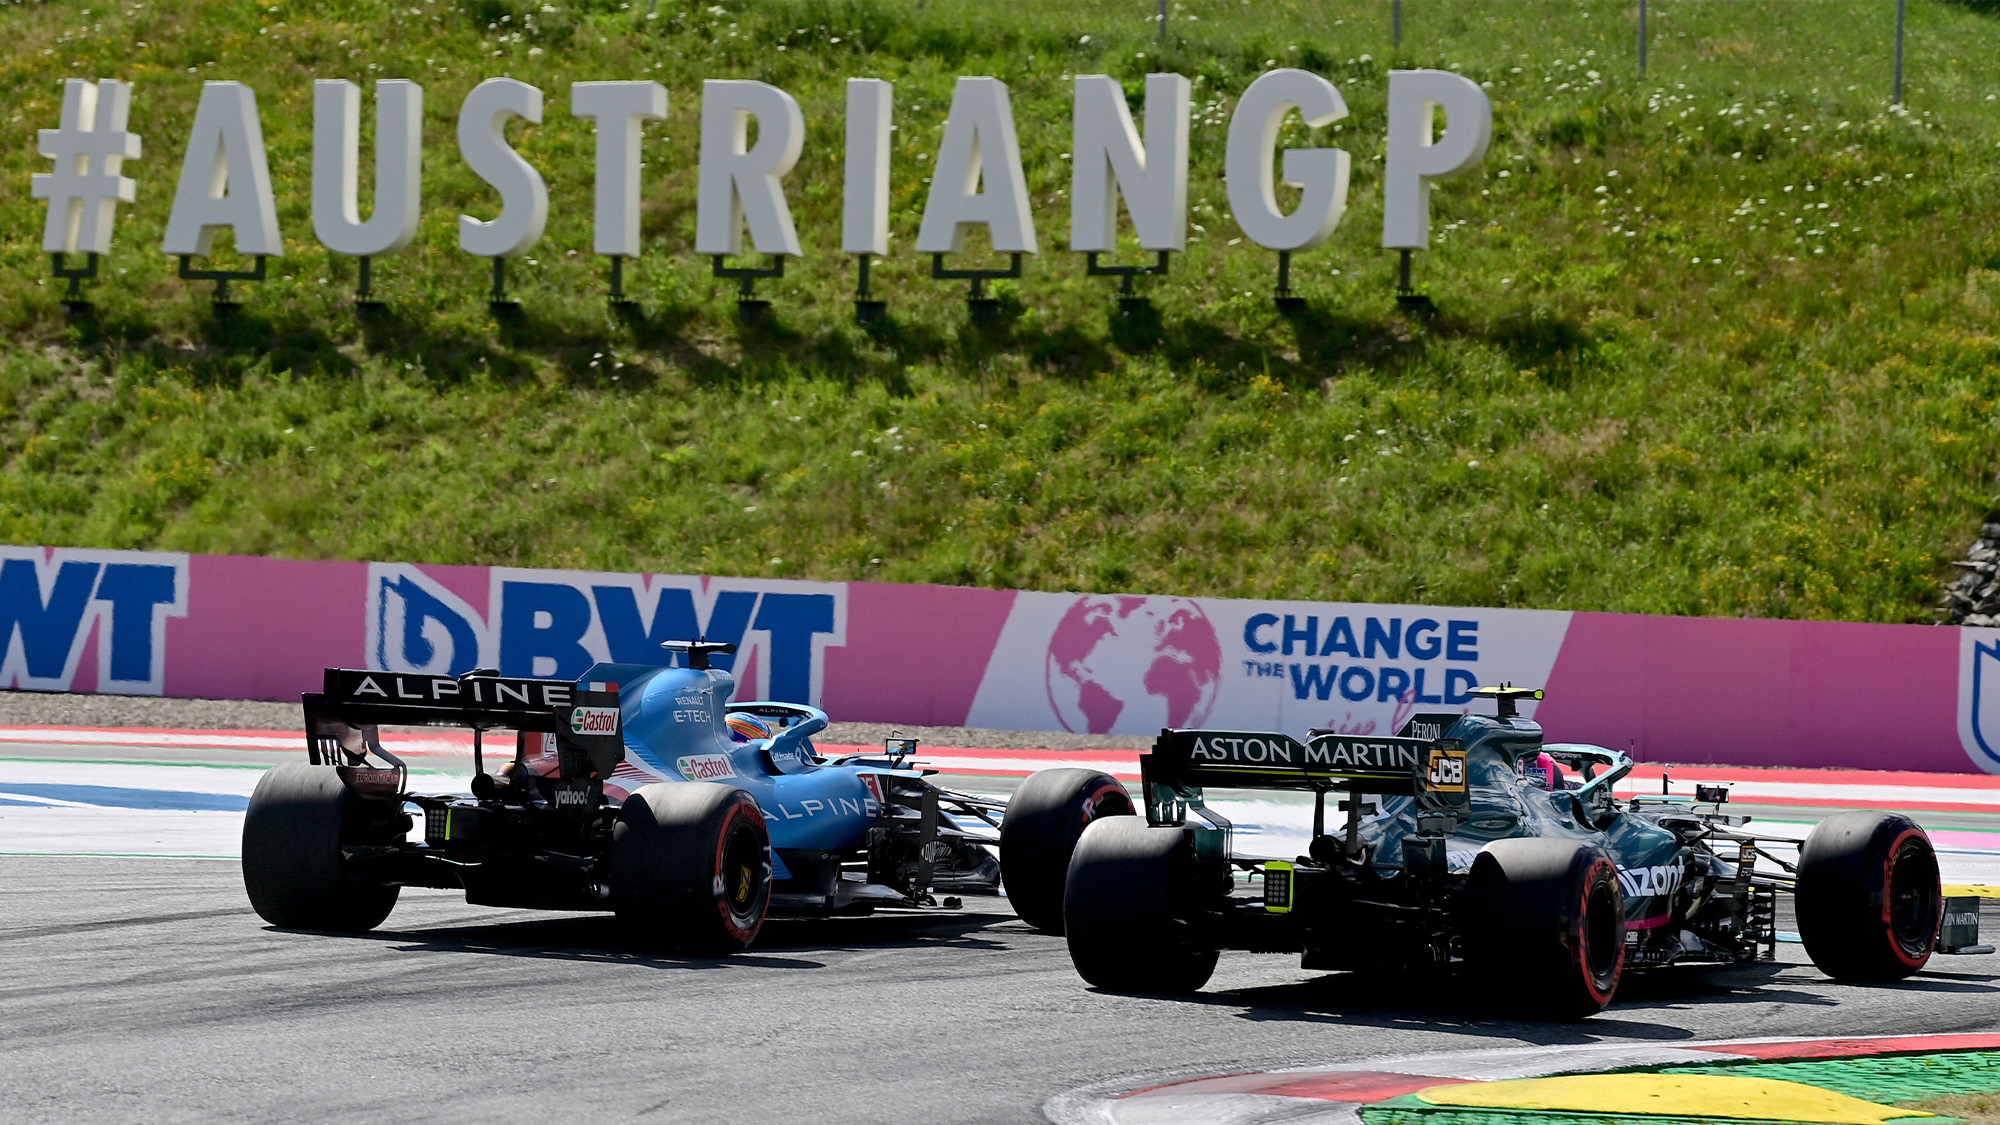 Fernando Alonso alongside Sebastian Vettel in qualifying for the 2021 Austrian Grand Prix